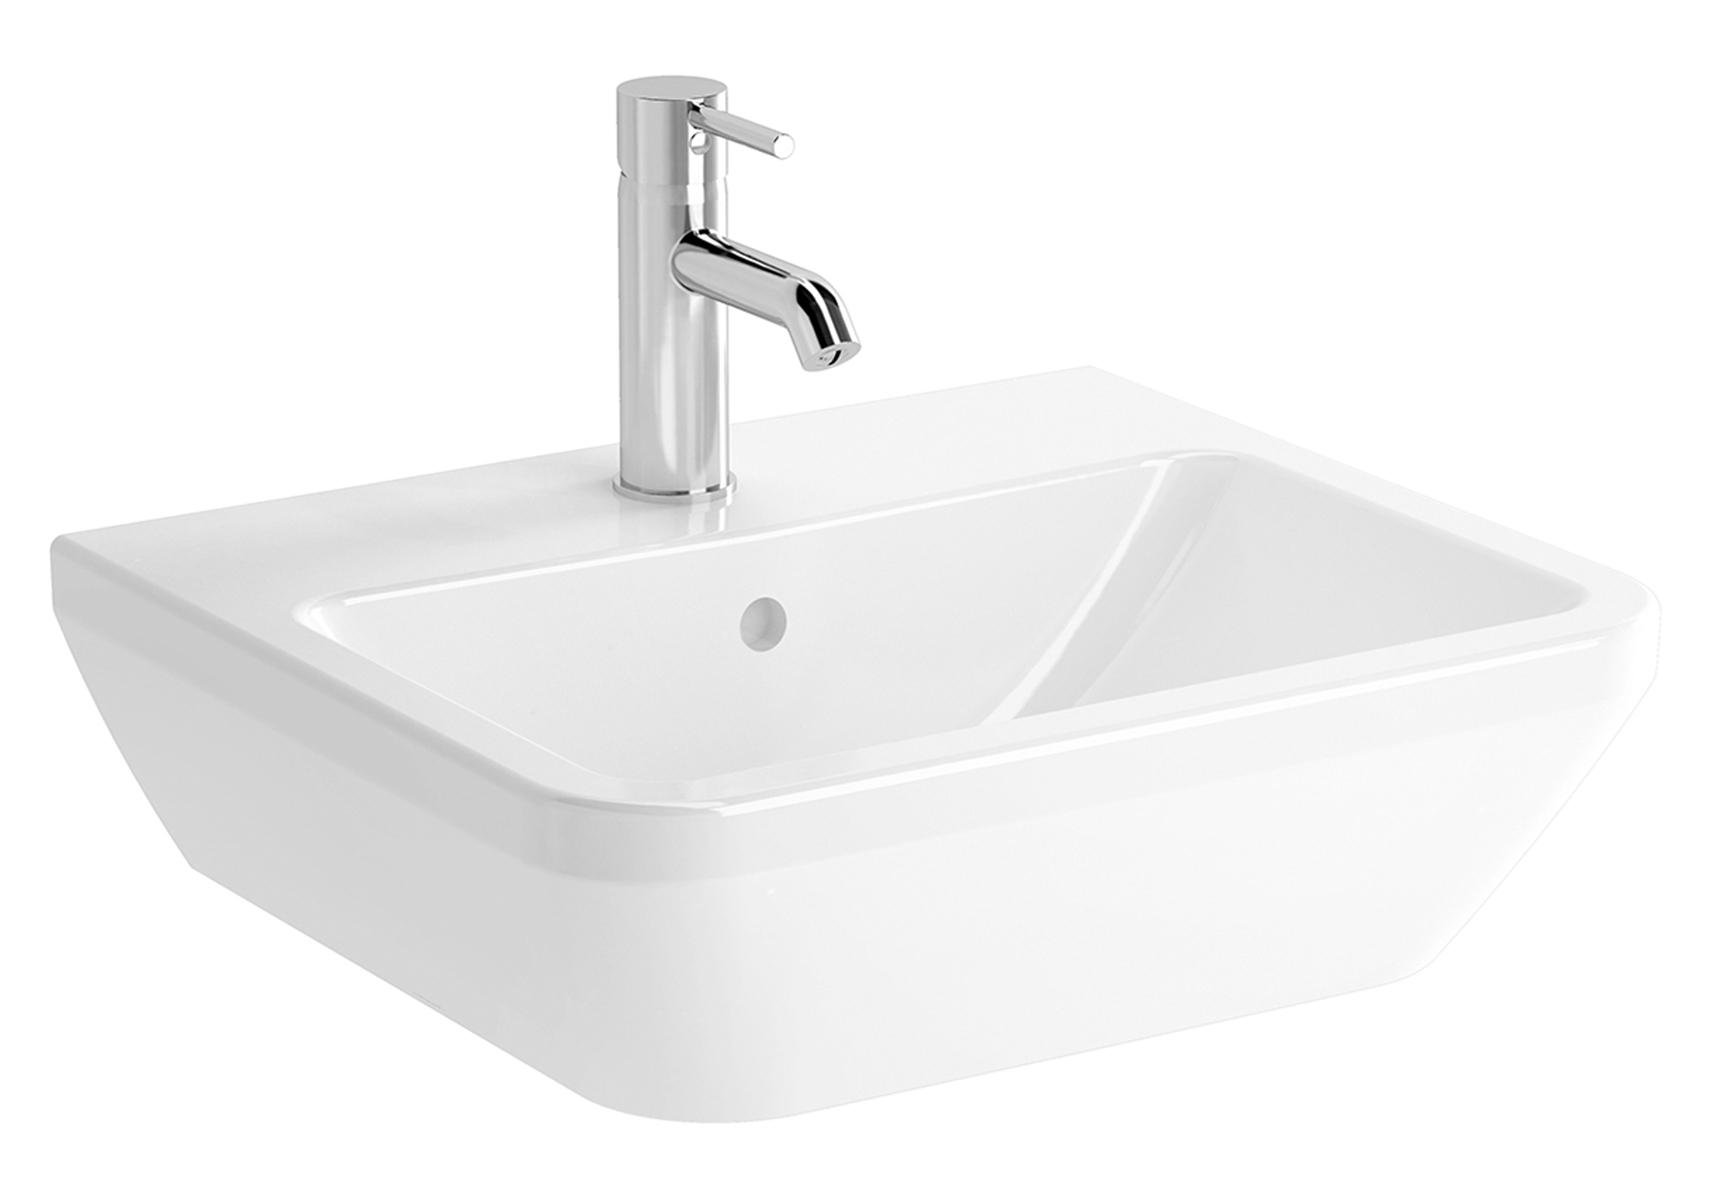 Integra lavabo carré, 50 cm, avec trou de robinet, sans trop-plein